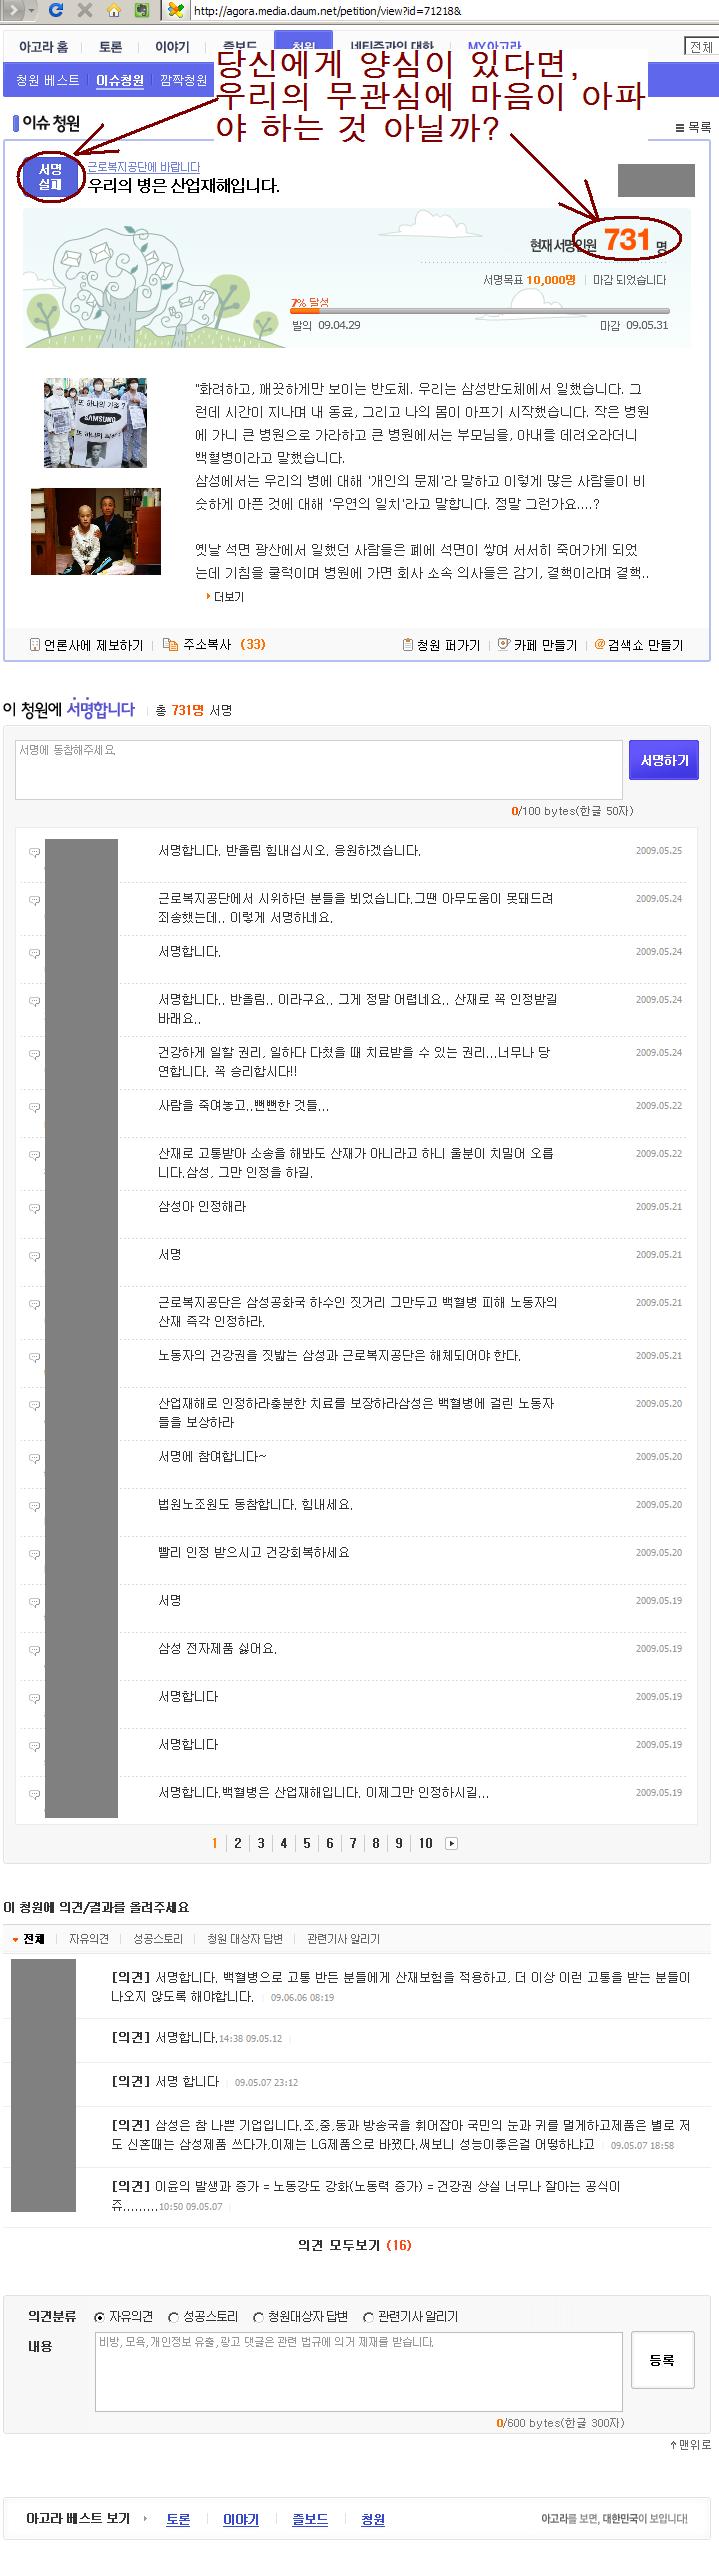 아고라 청원 페이지 화면 캡처